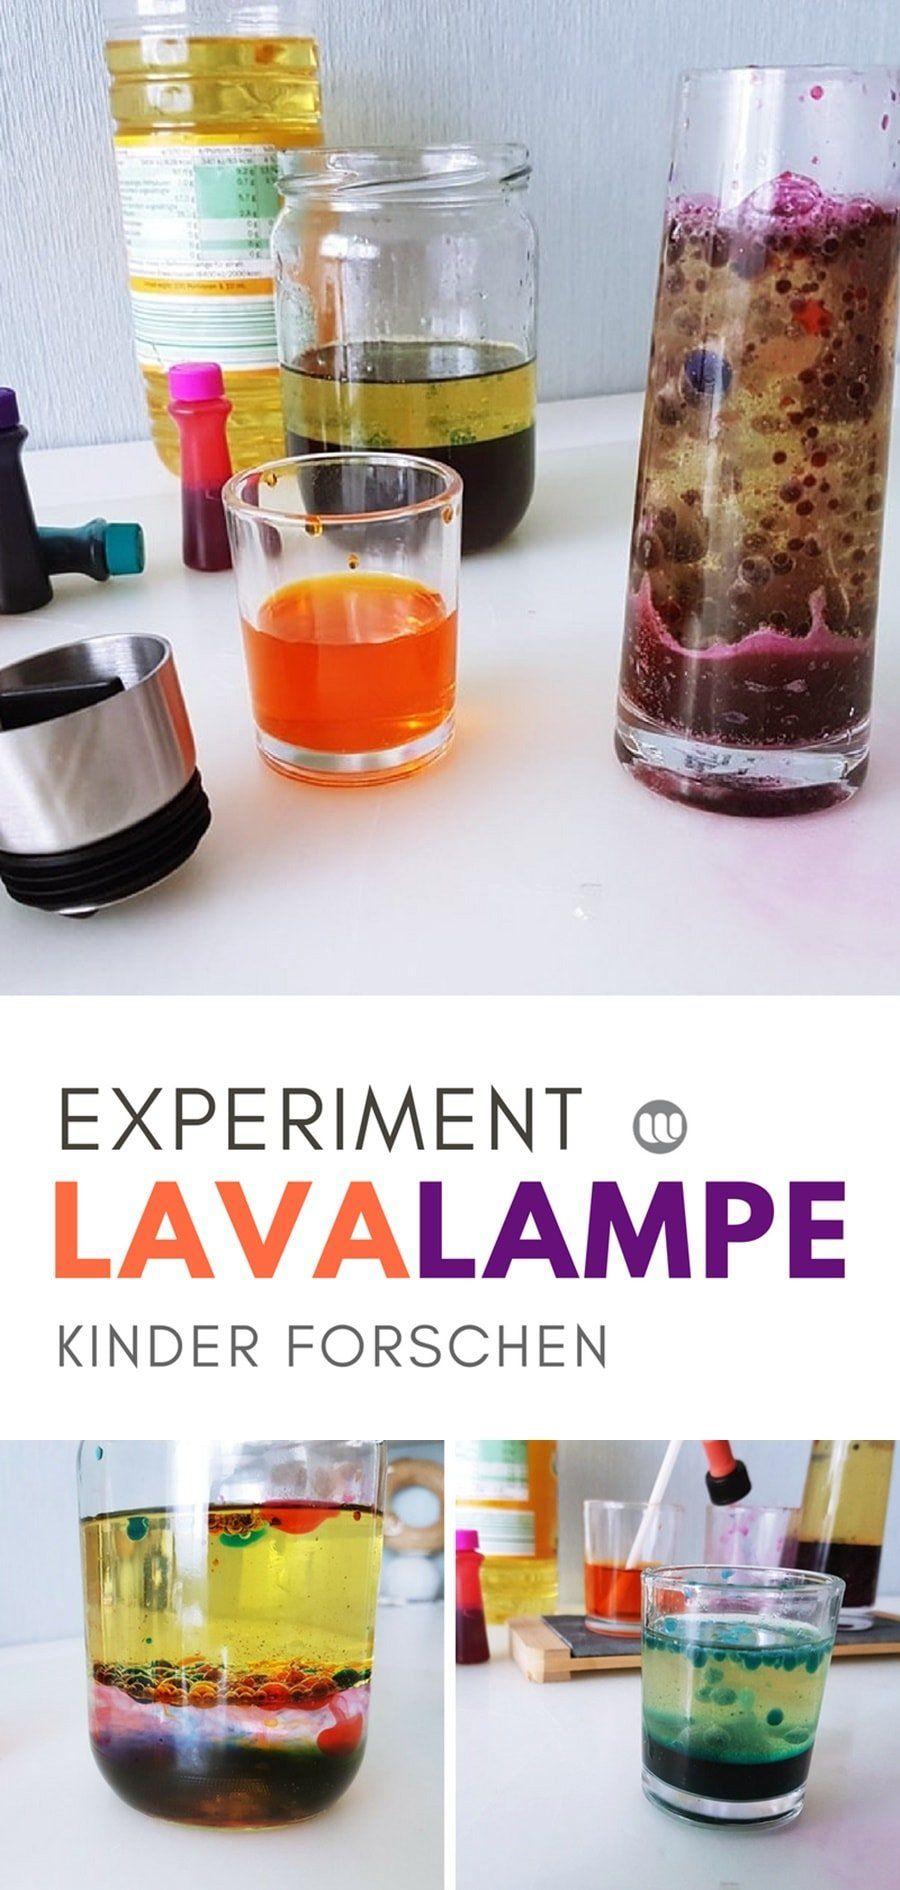 Lavalampe Selber Machen: Wasser Öl Experiment Für Kinder verwandt mit Experiment Mit Wasser Öl Und Lebensmittelfarbe